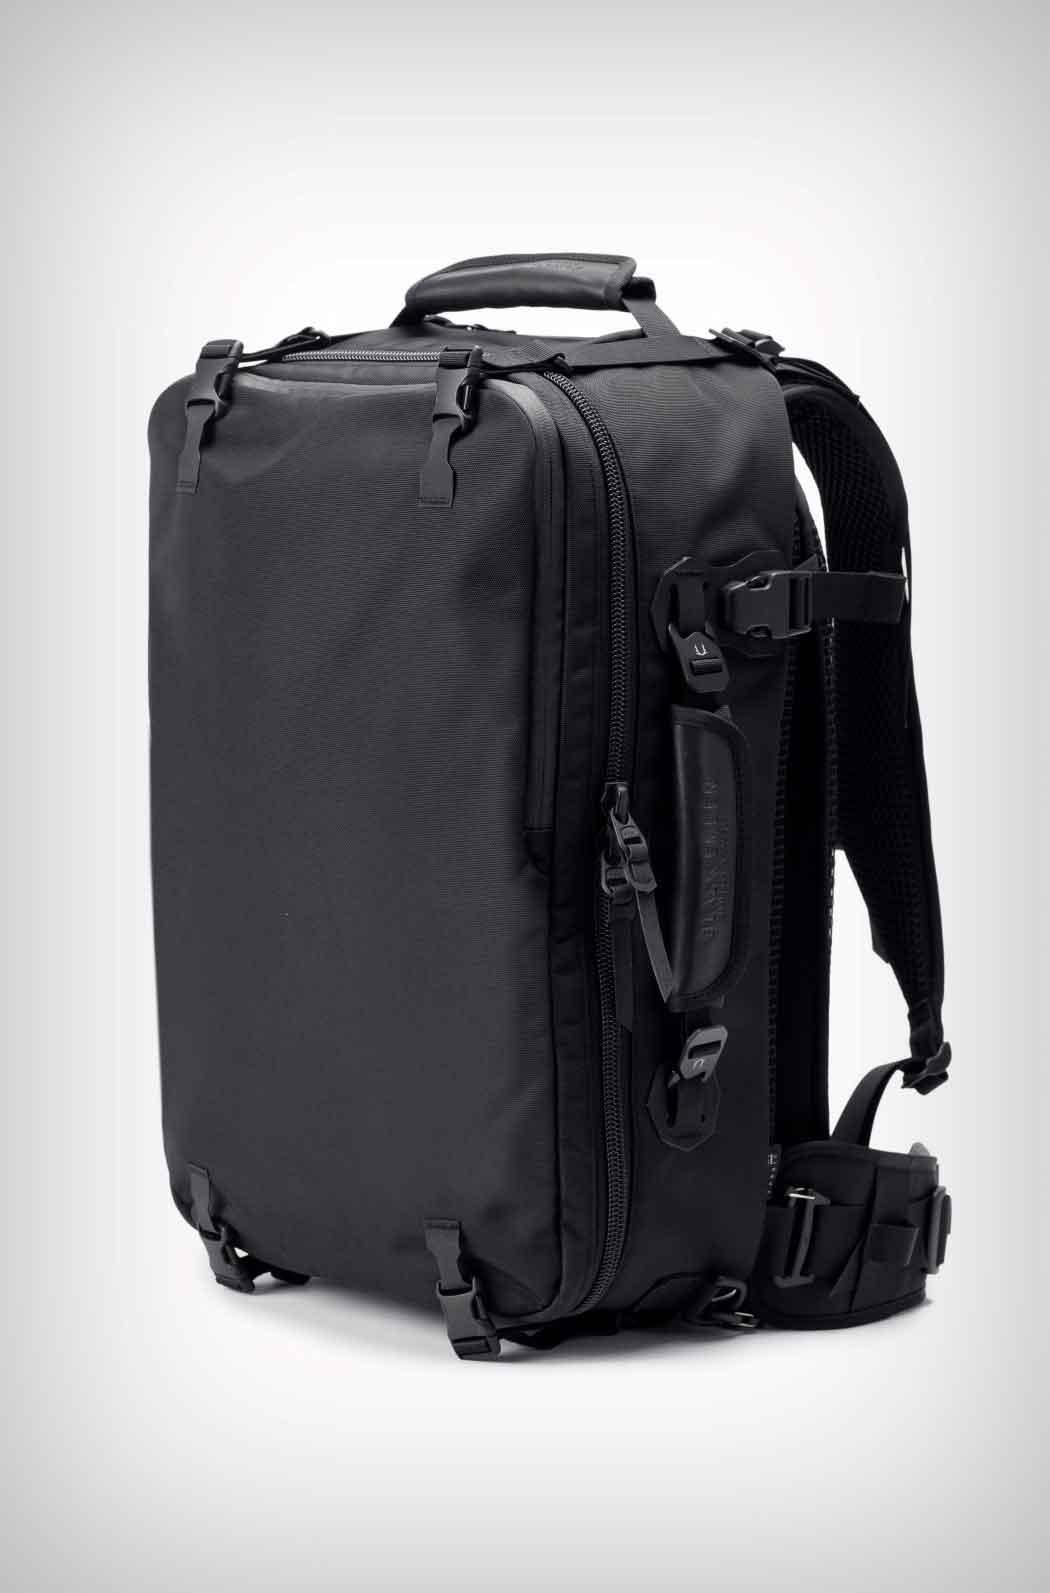 Рюкзак созданный для настоящих фотографов- путешественников